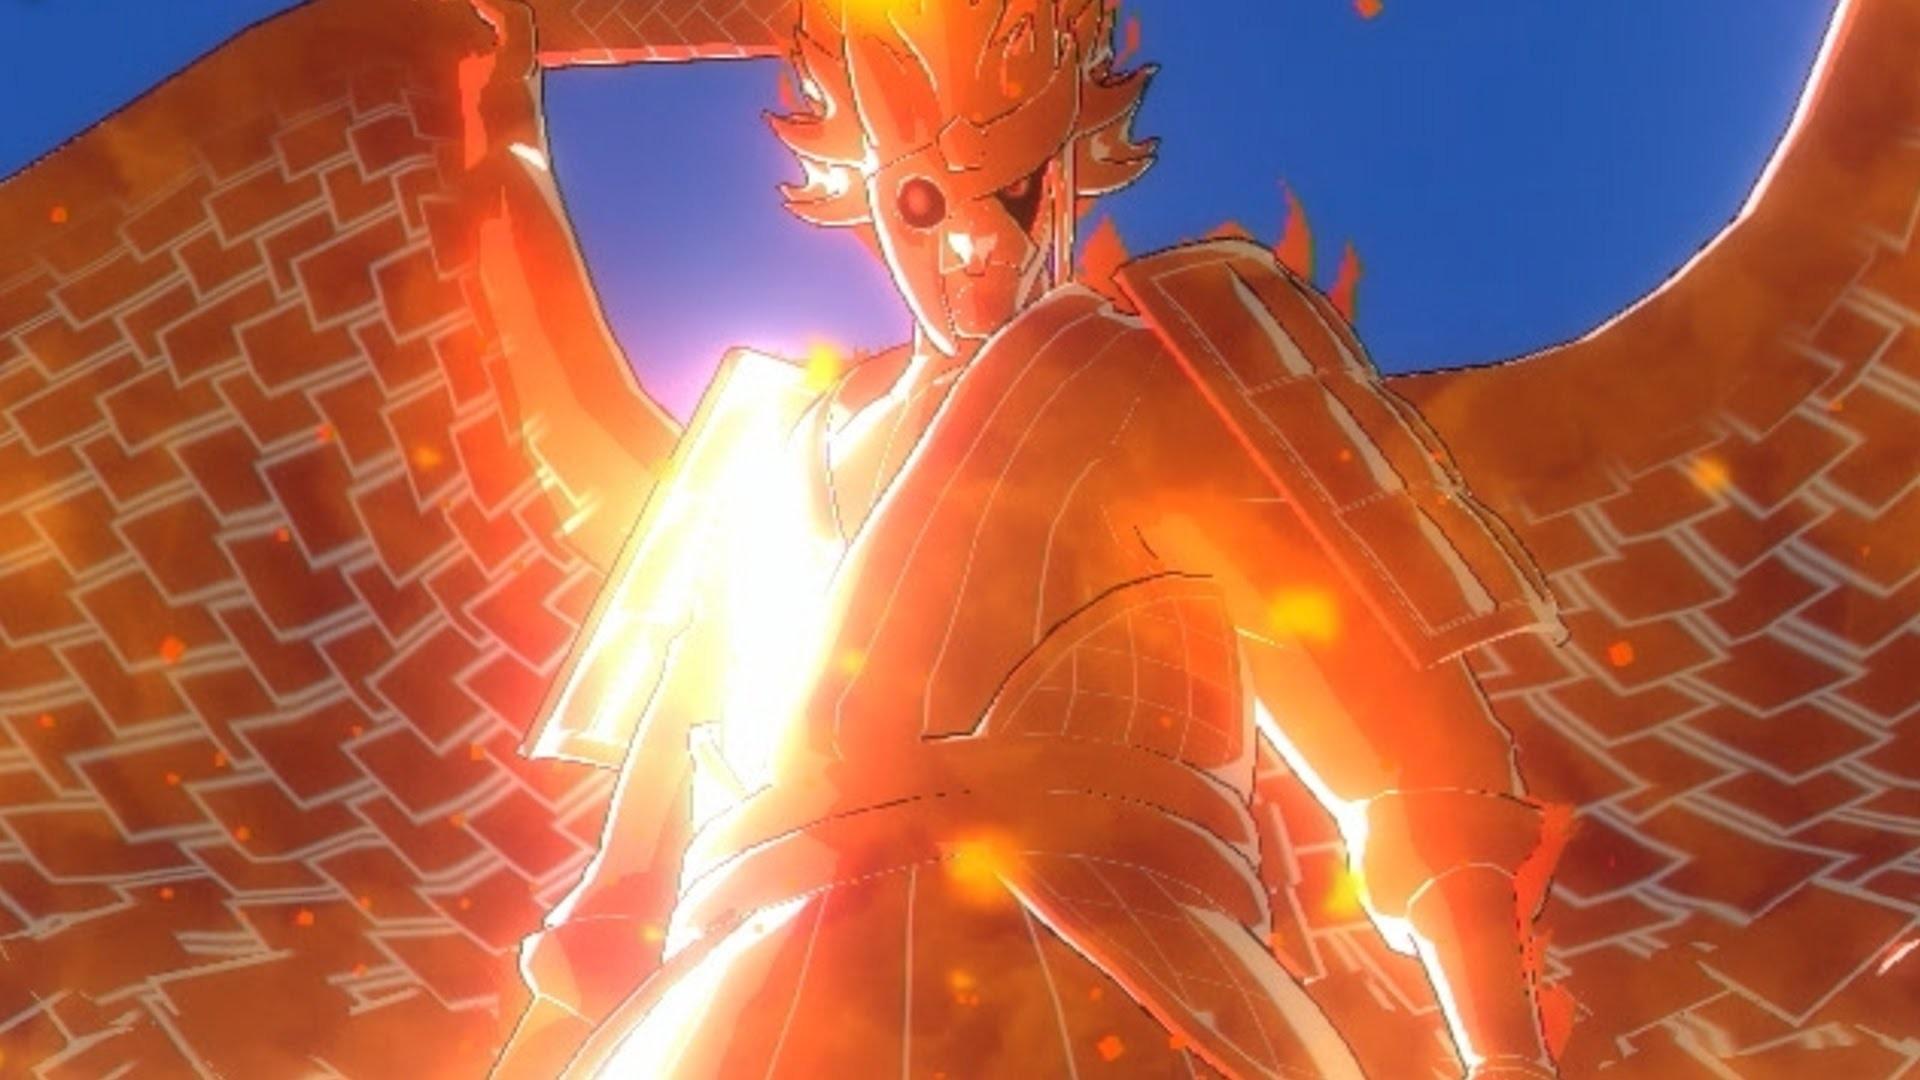 Itachi Susanoo Wallpaper 63 Images